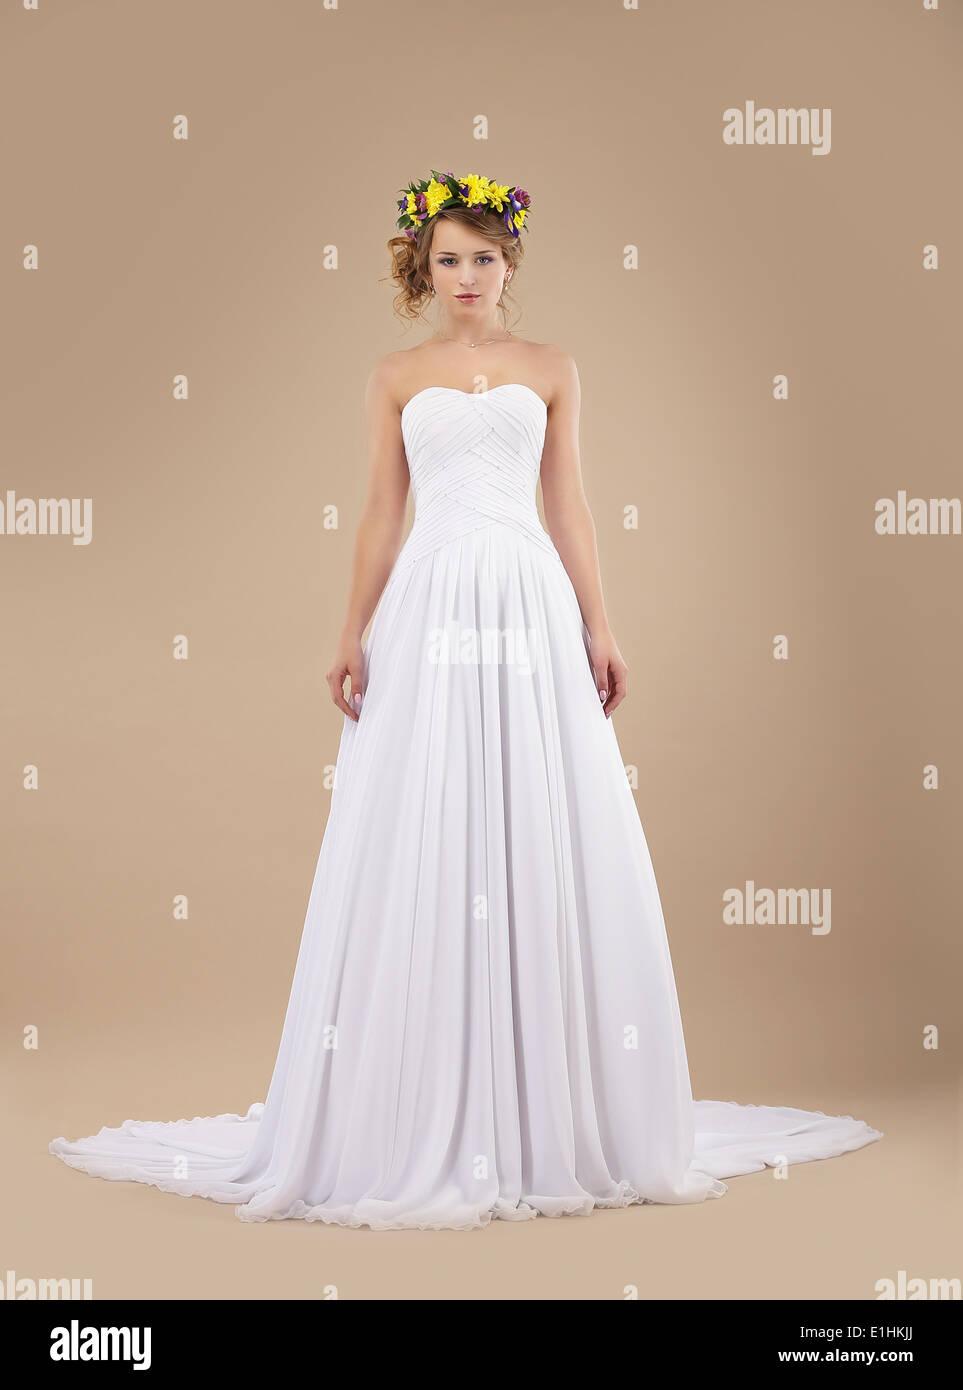 Promessa di matrimonio. Moda sposa modello con ghirlanda di fiori in abito bianco Immagini Stock